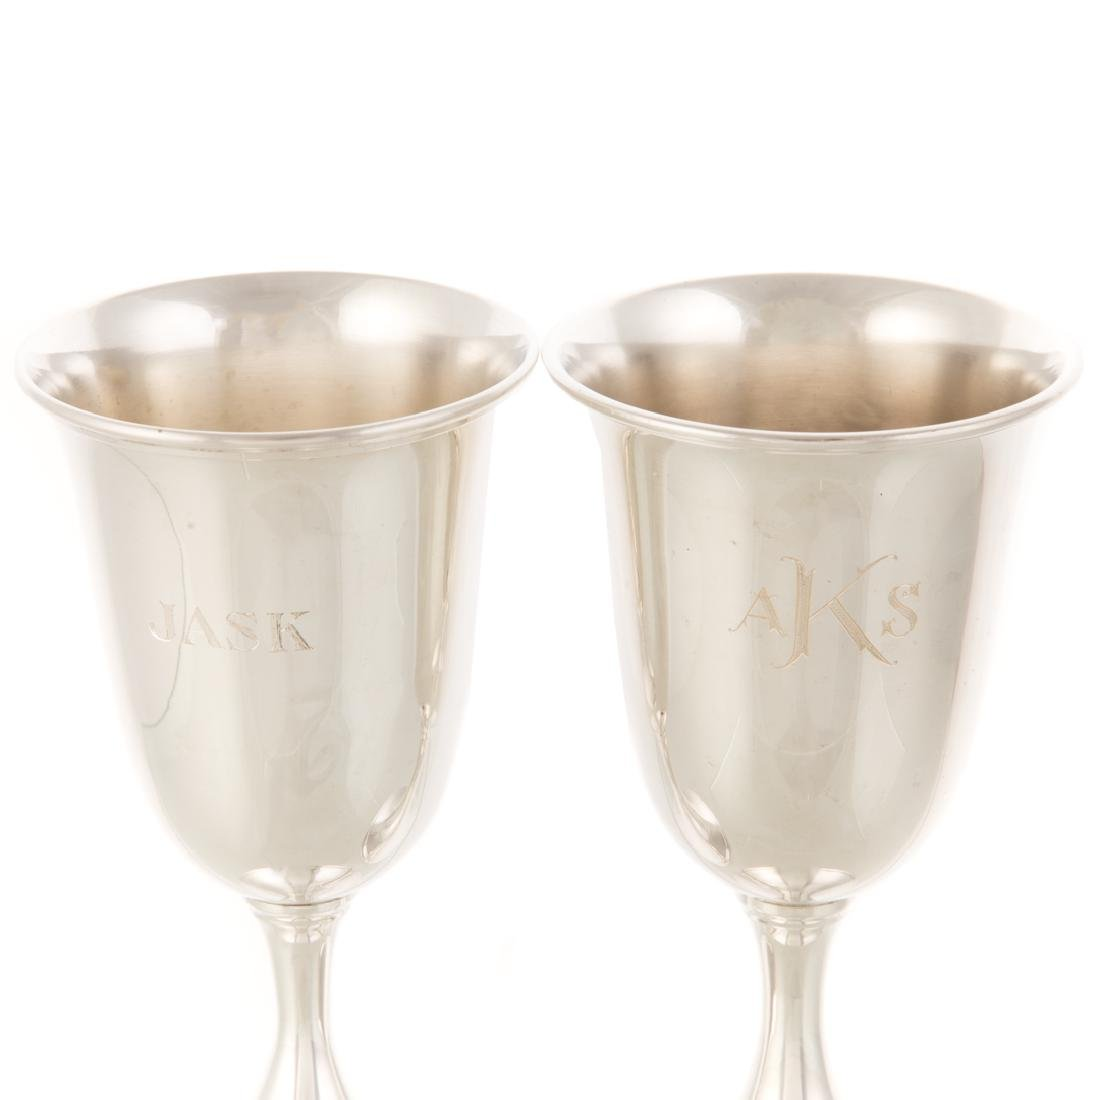 Set of 10 Kirk sterling silver goblets - 3